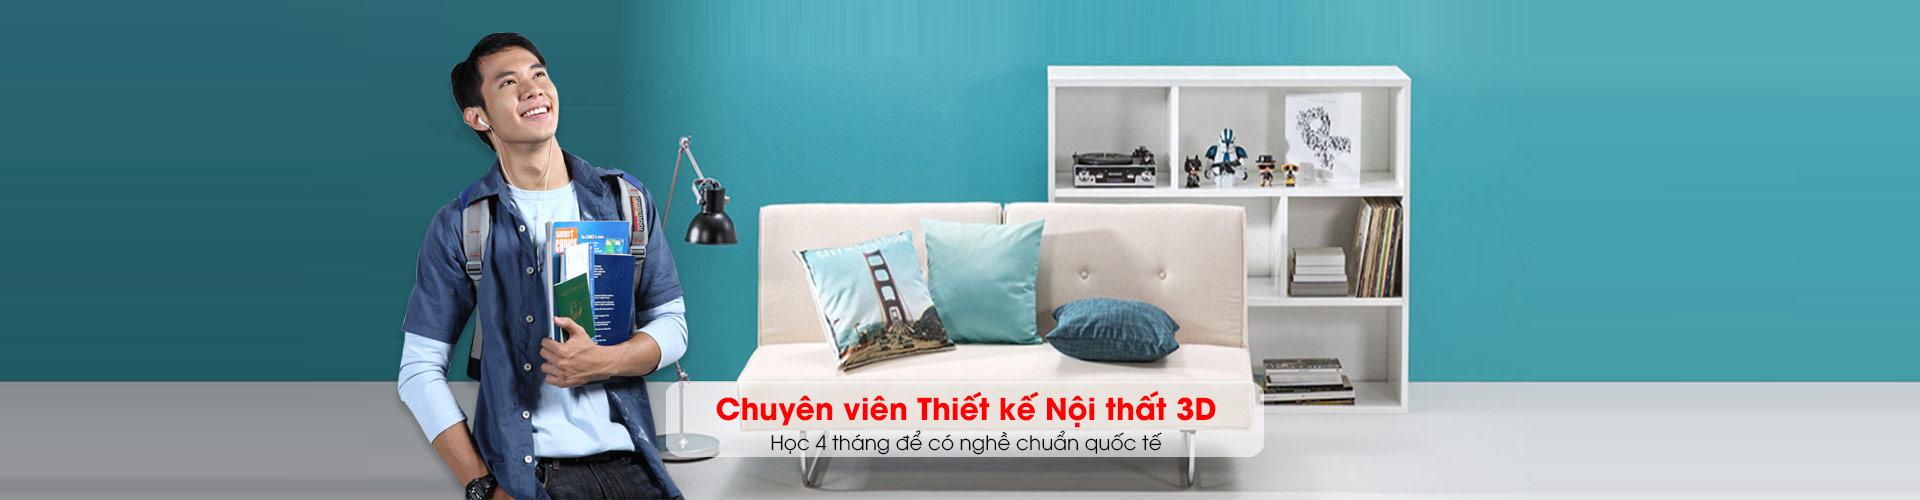 banner-noithat3d